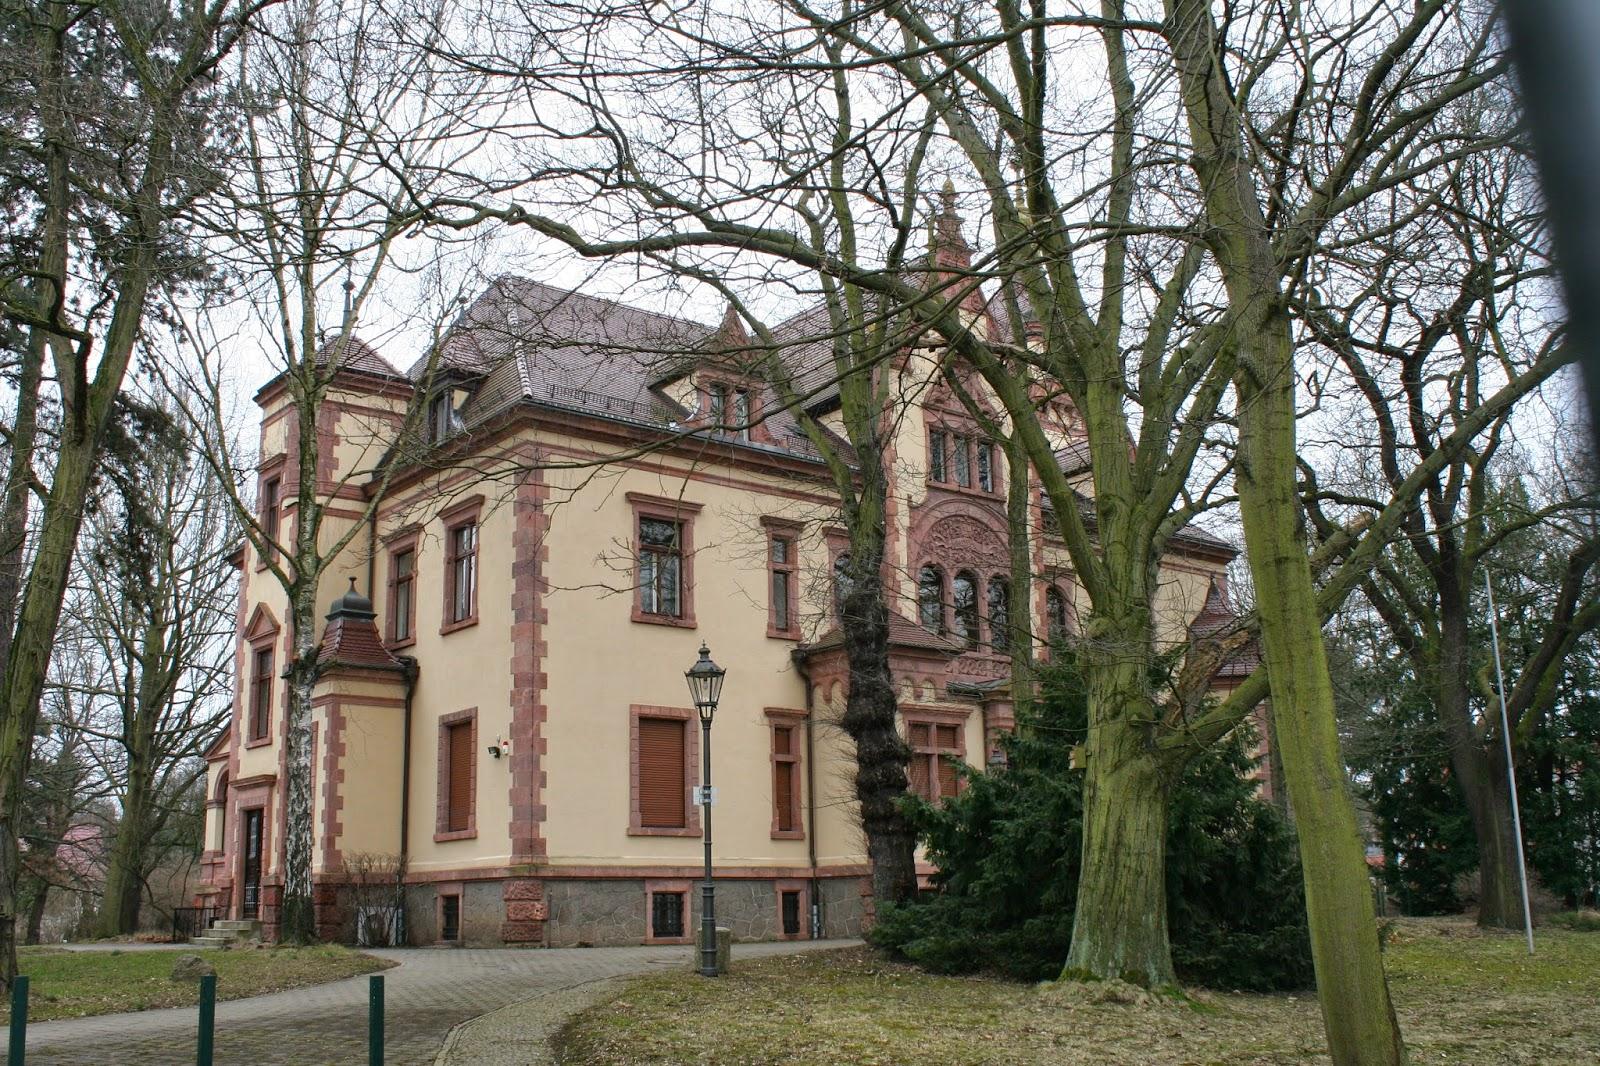 """In der einstigen """"Thorer-Villa""""in Leutzsch, welche dem Pelzhändler Curt Thorer gehörte, befindet sich seit 1992 das Leipziger Verwaltungsgericht"""